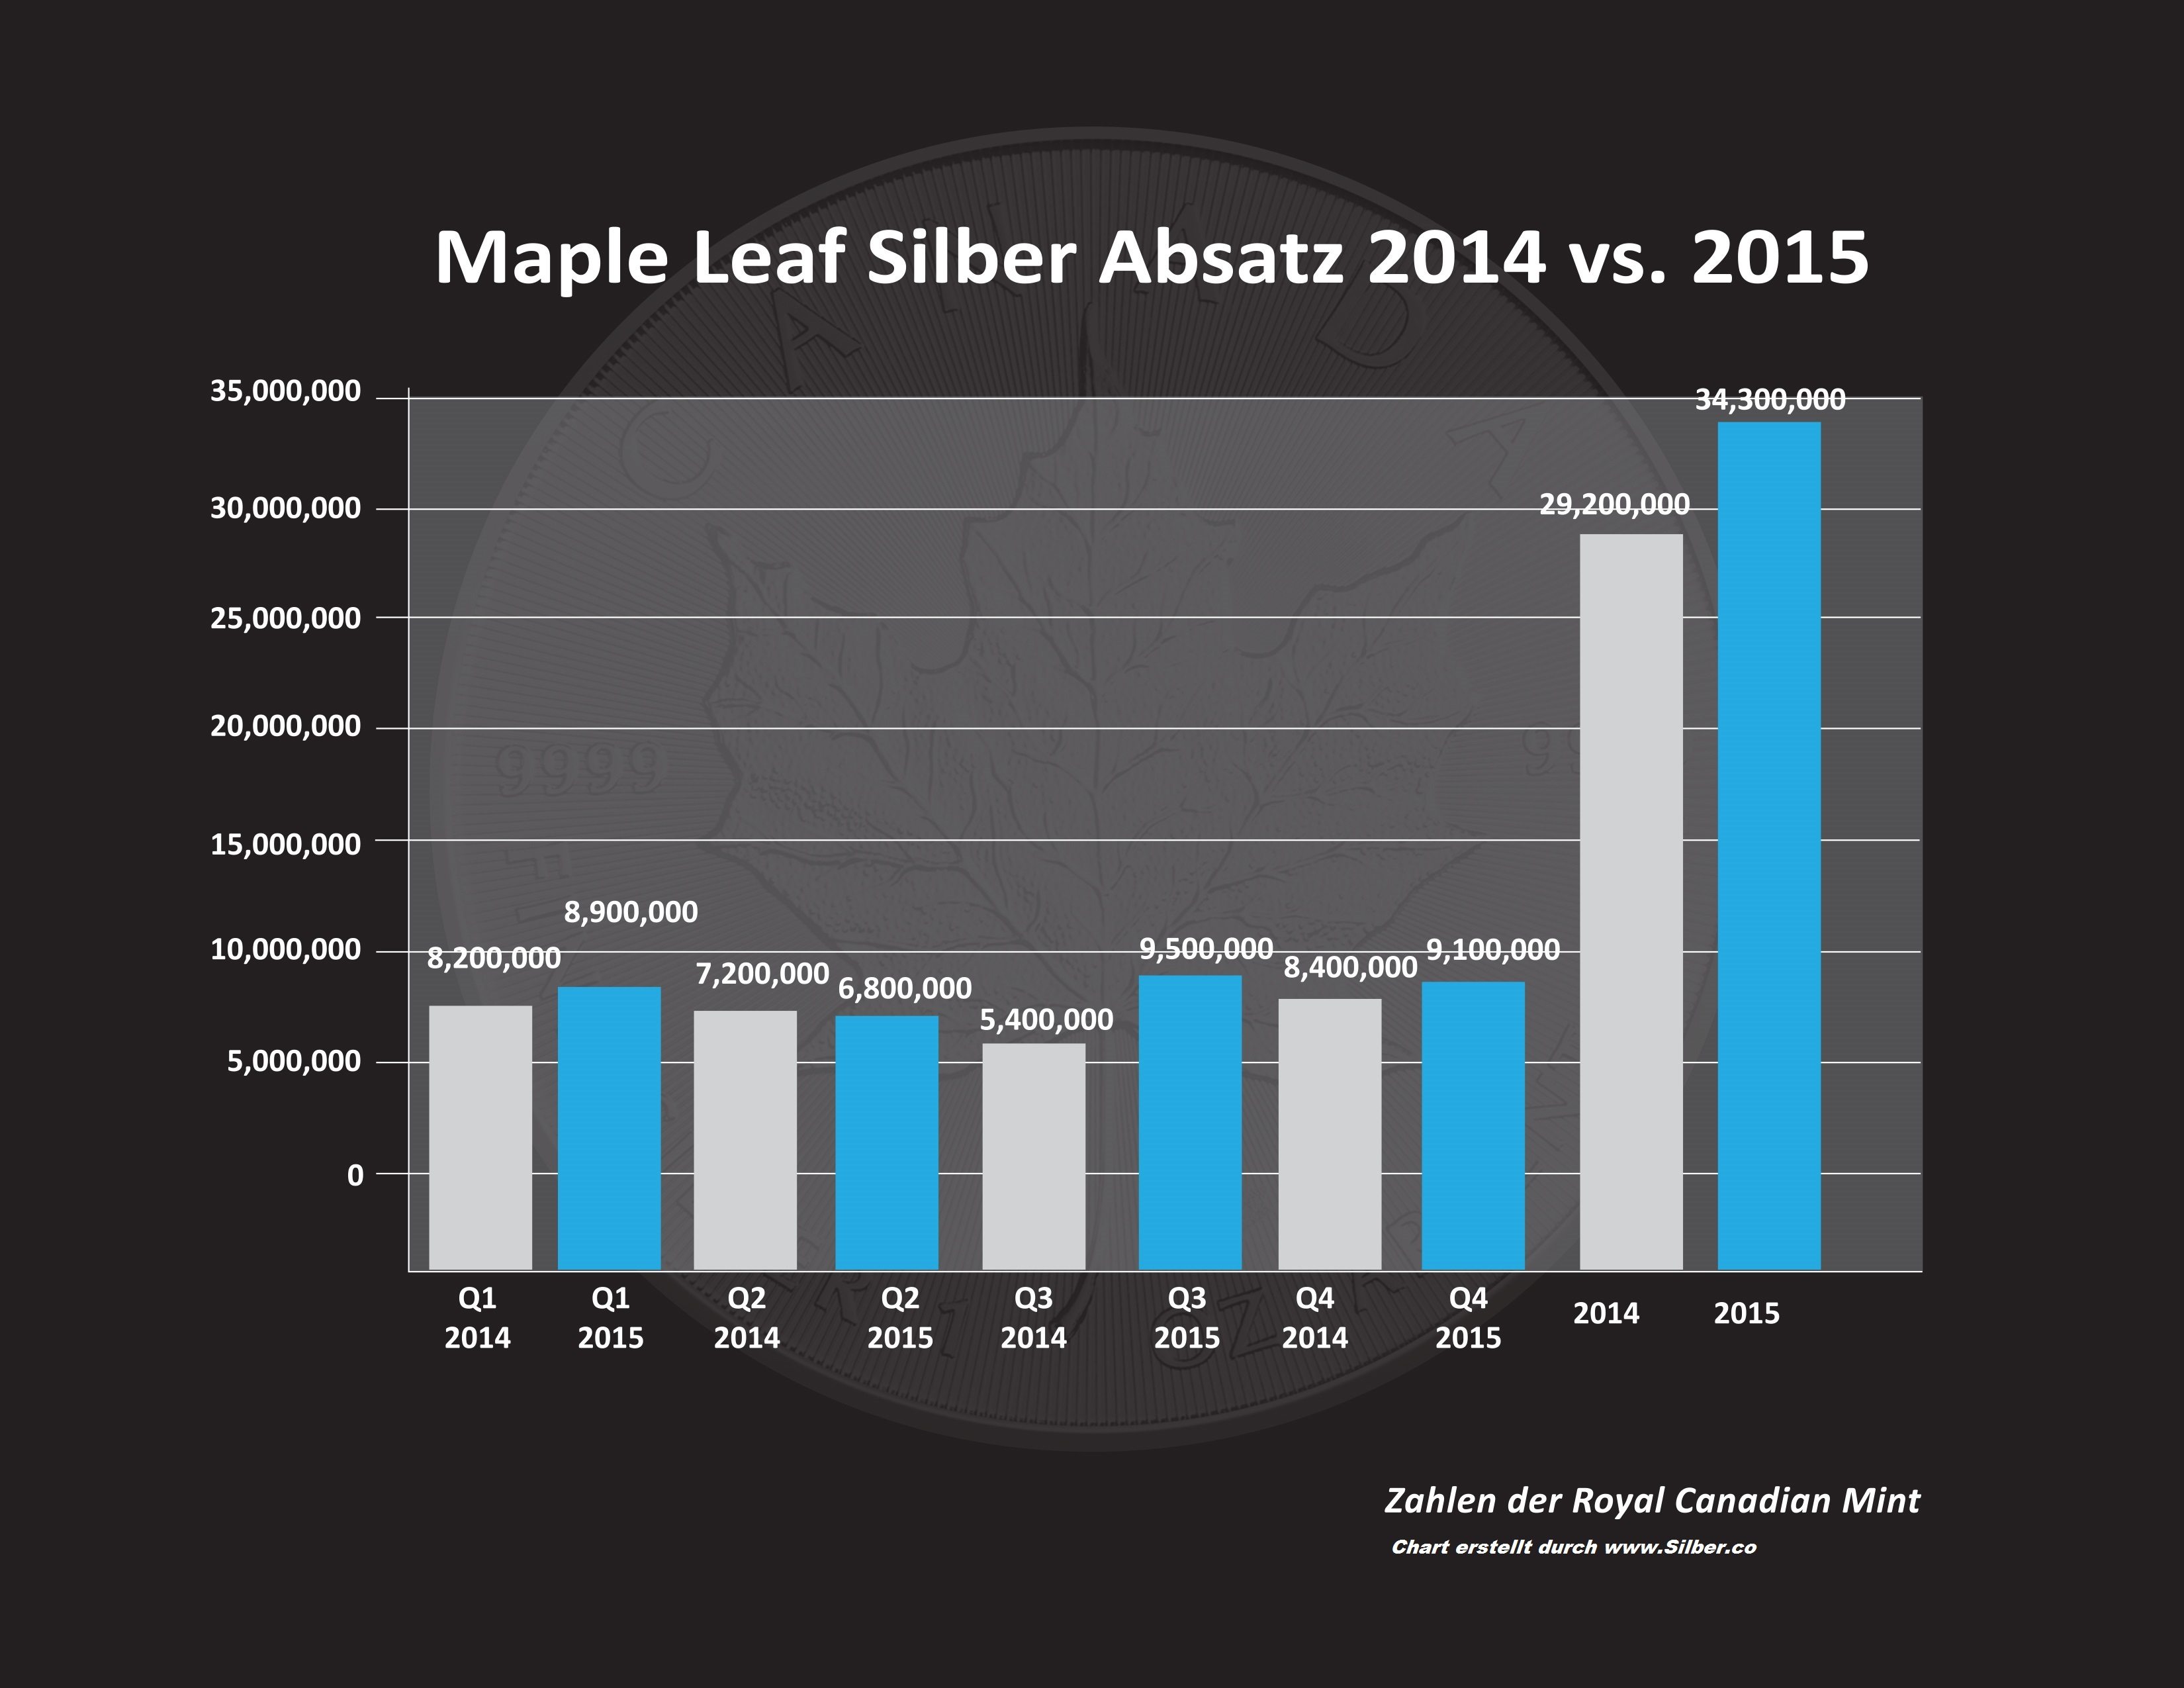 Maple Leaf Silbermünzen kaufen ist populär wie nie